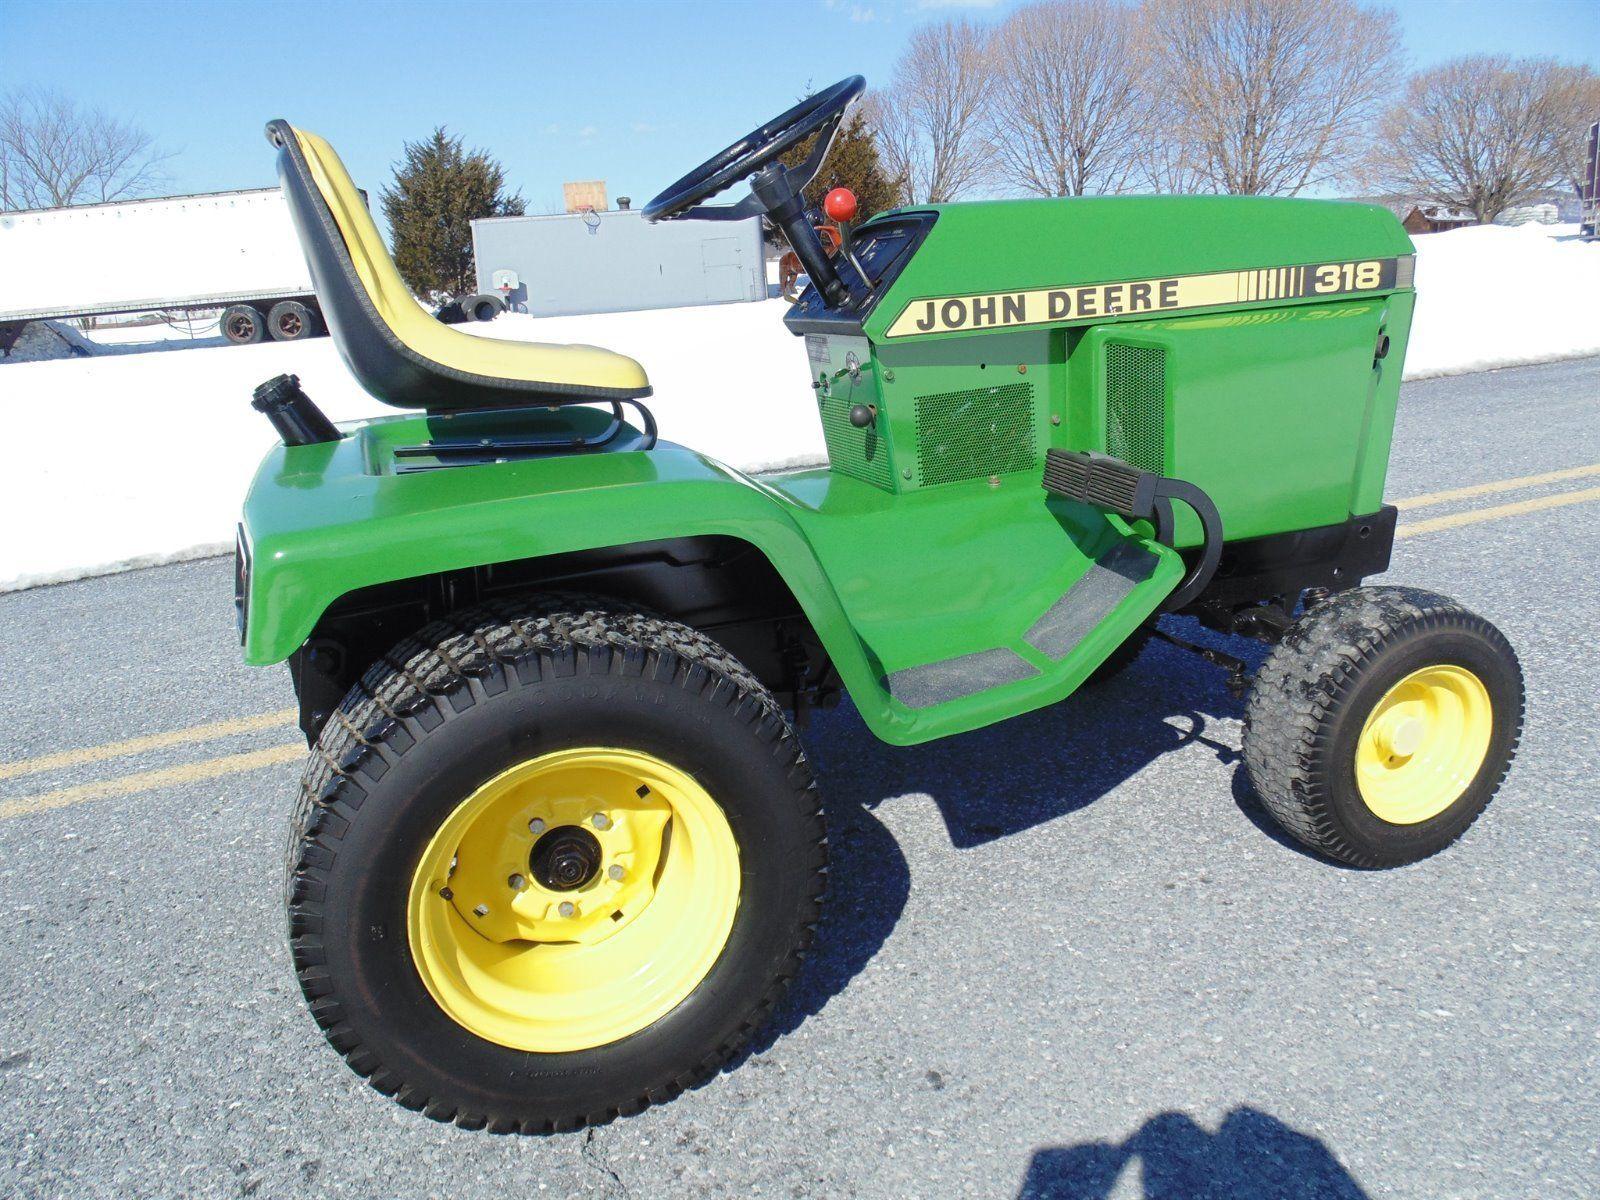 John Deere 318 Garden Tractor John Deere 318 Pinterest – John Deere 314 Engine Diagrams